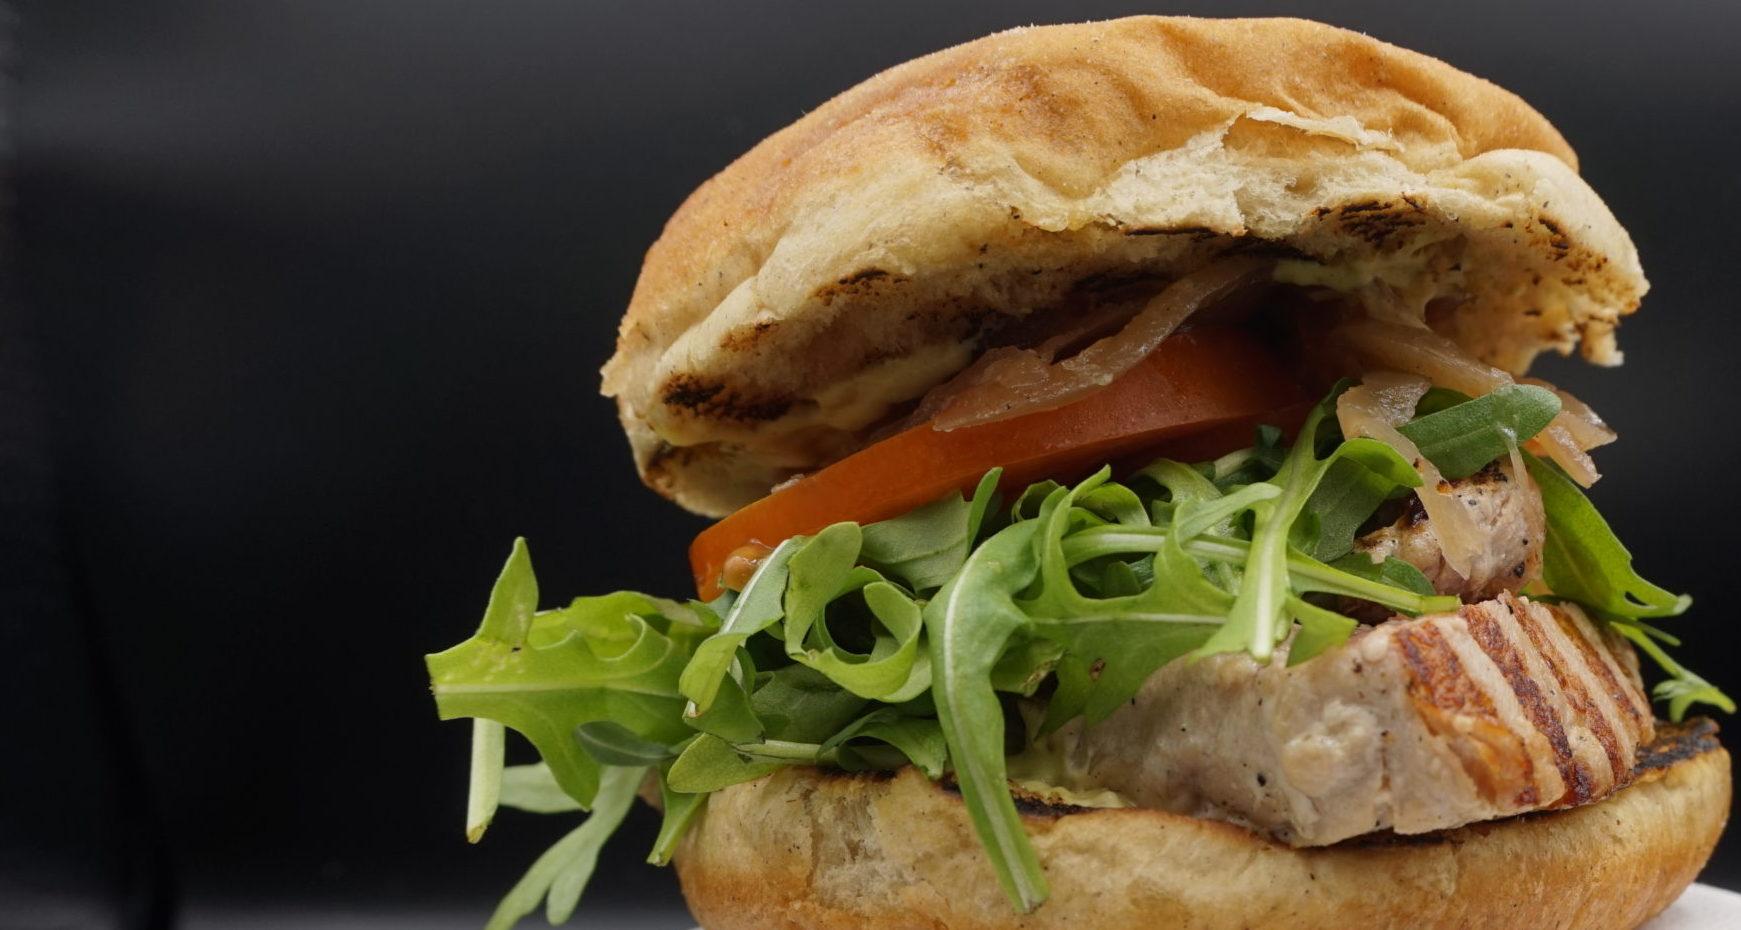 peschereccio italia burger